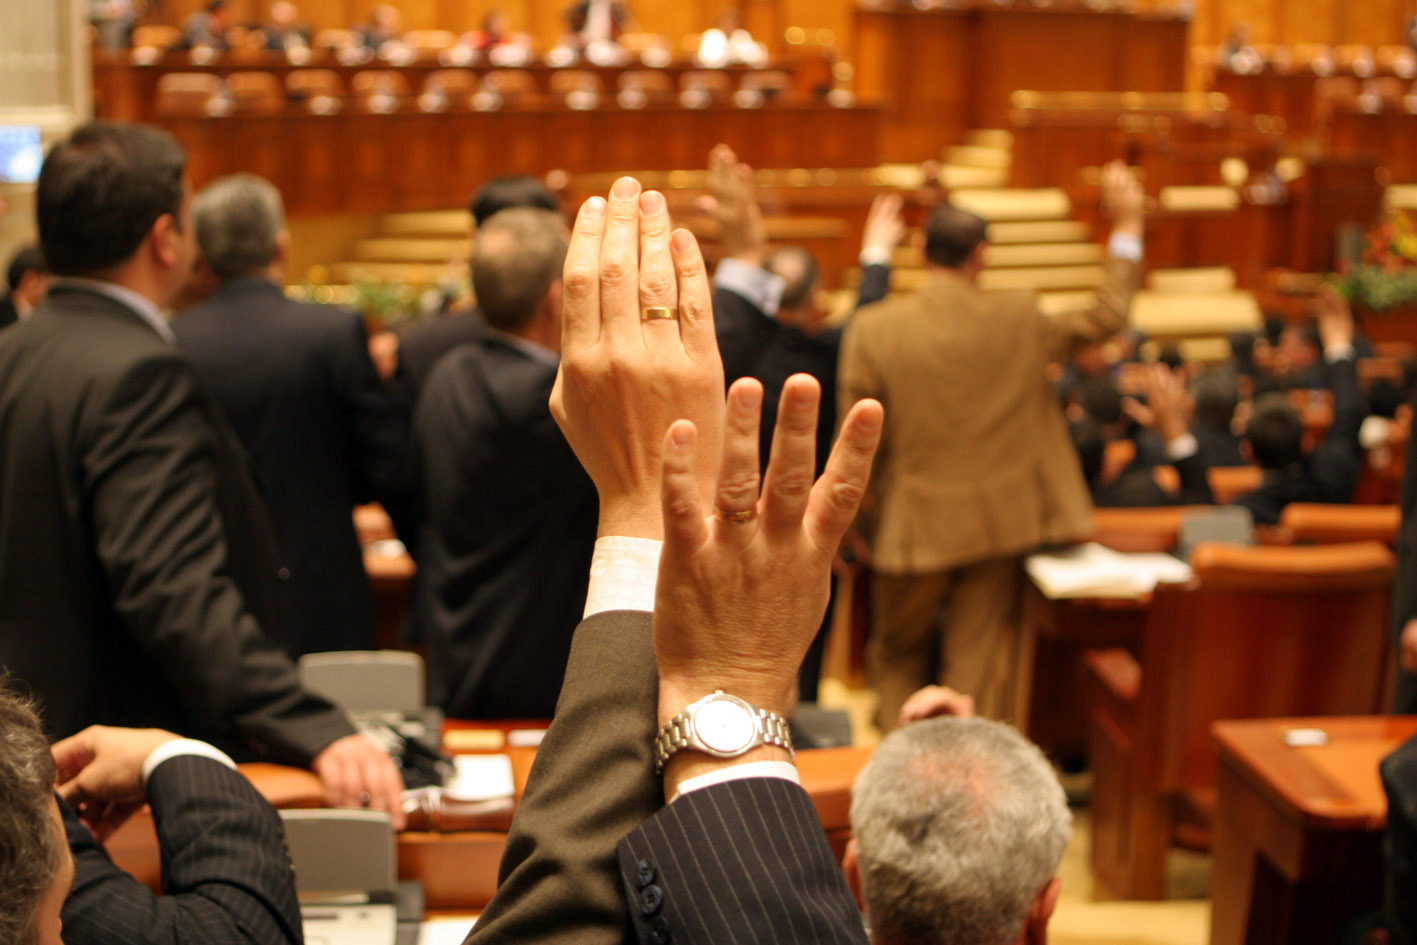 Pensiile speciale și salariile parlamentarilor au crescut! Reacția arogantă a lui Florin Iordache